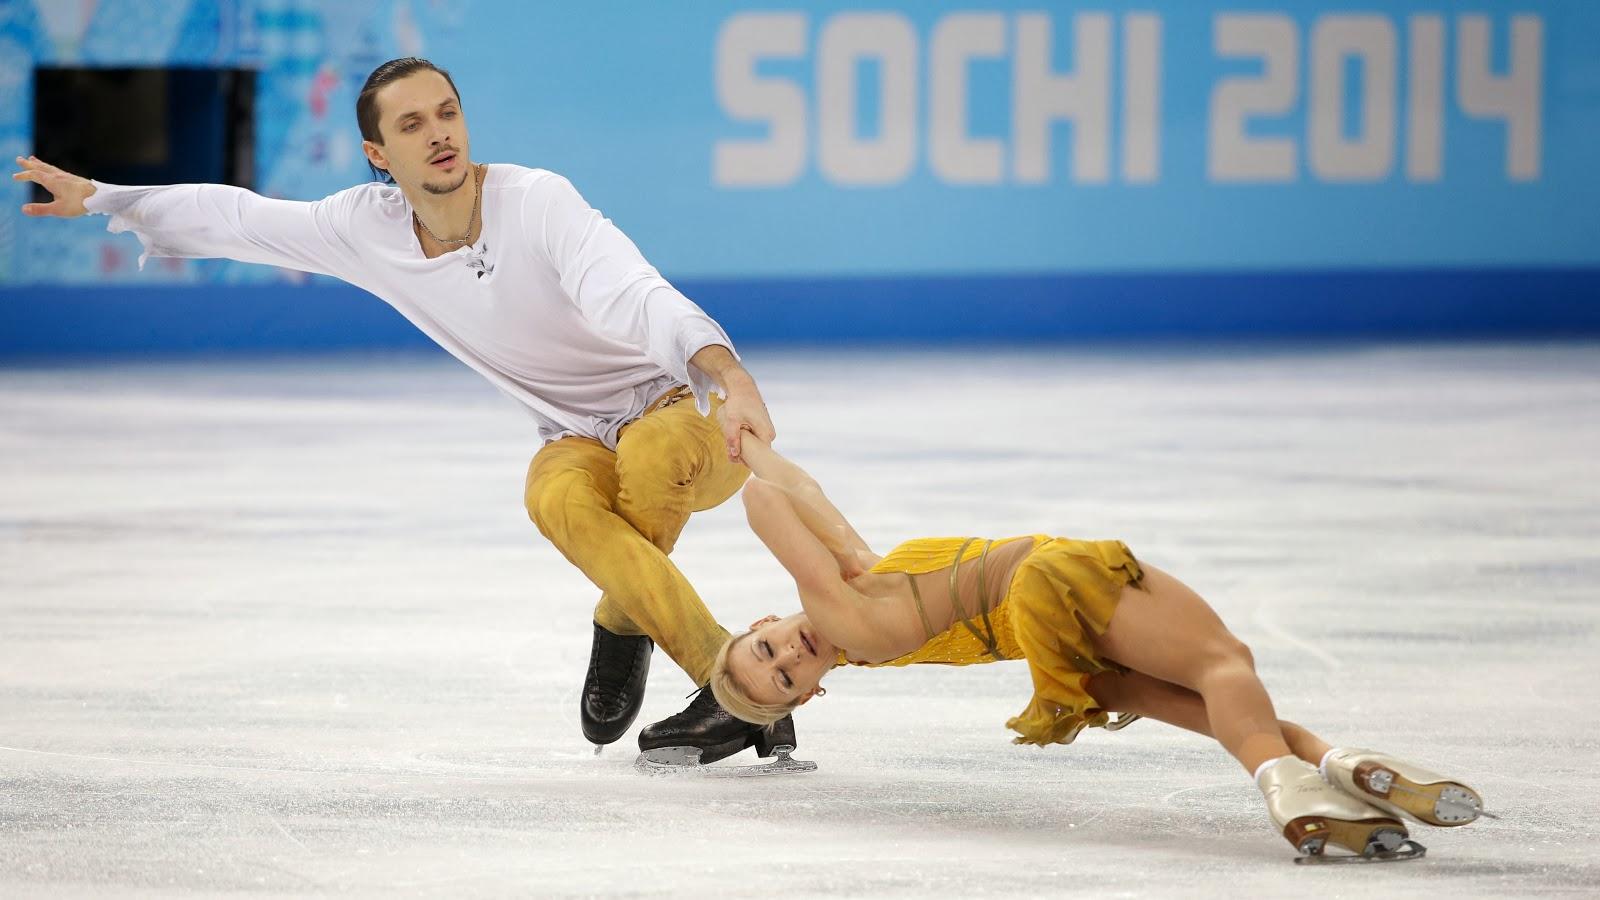 Image result for figure skating backgrounds